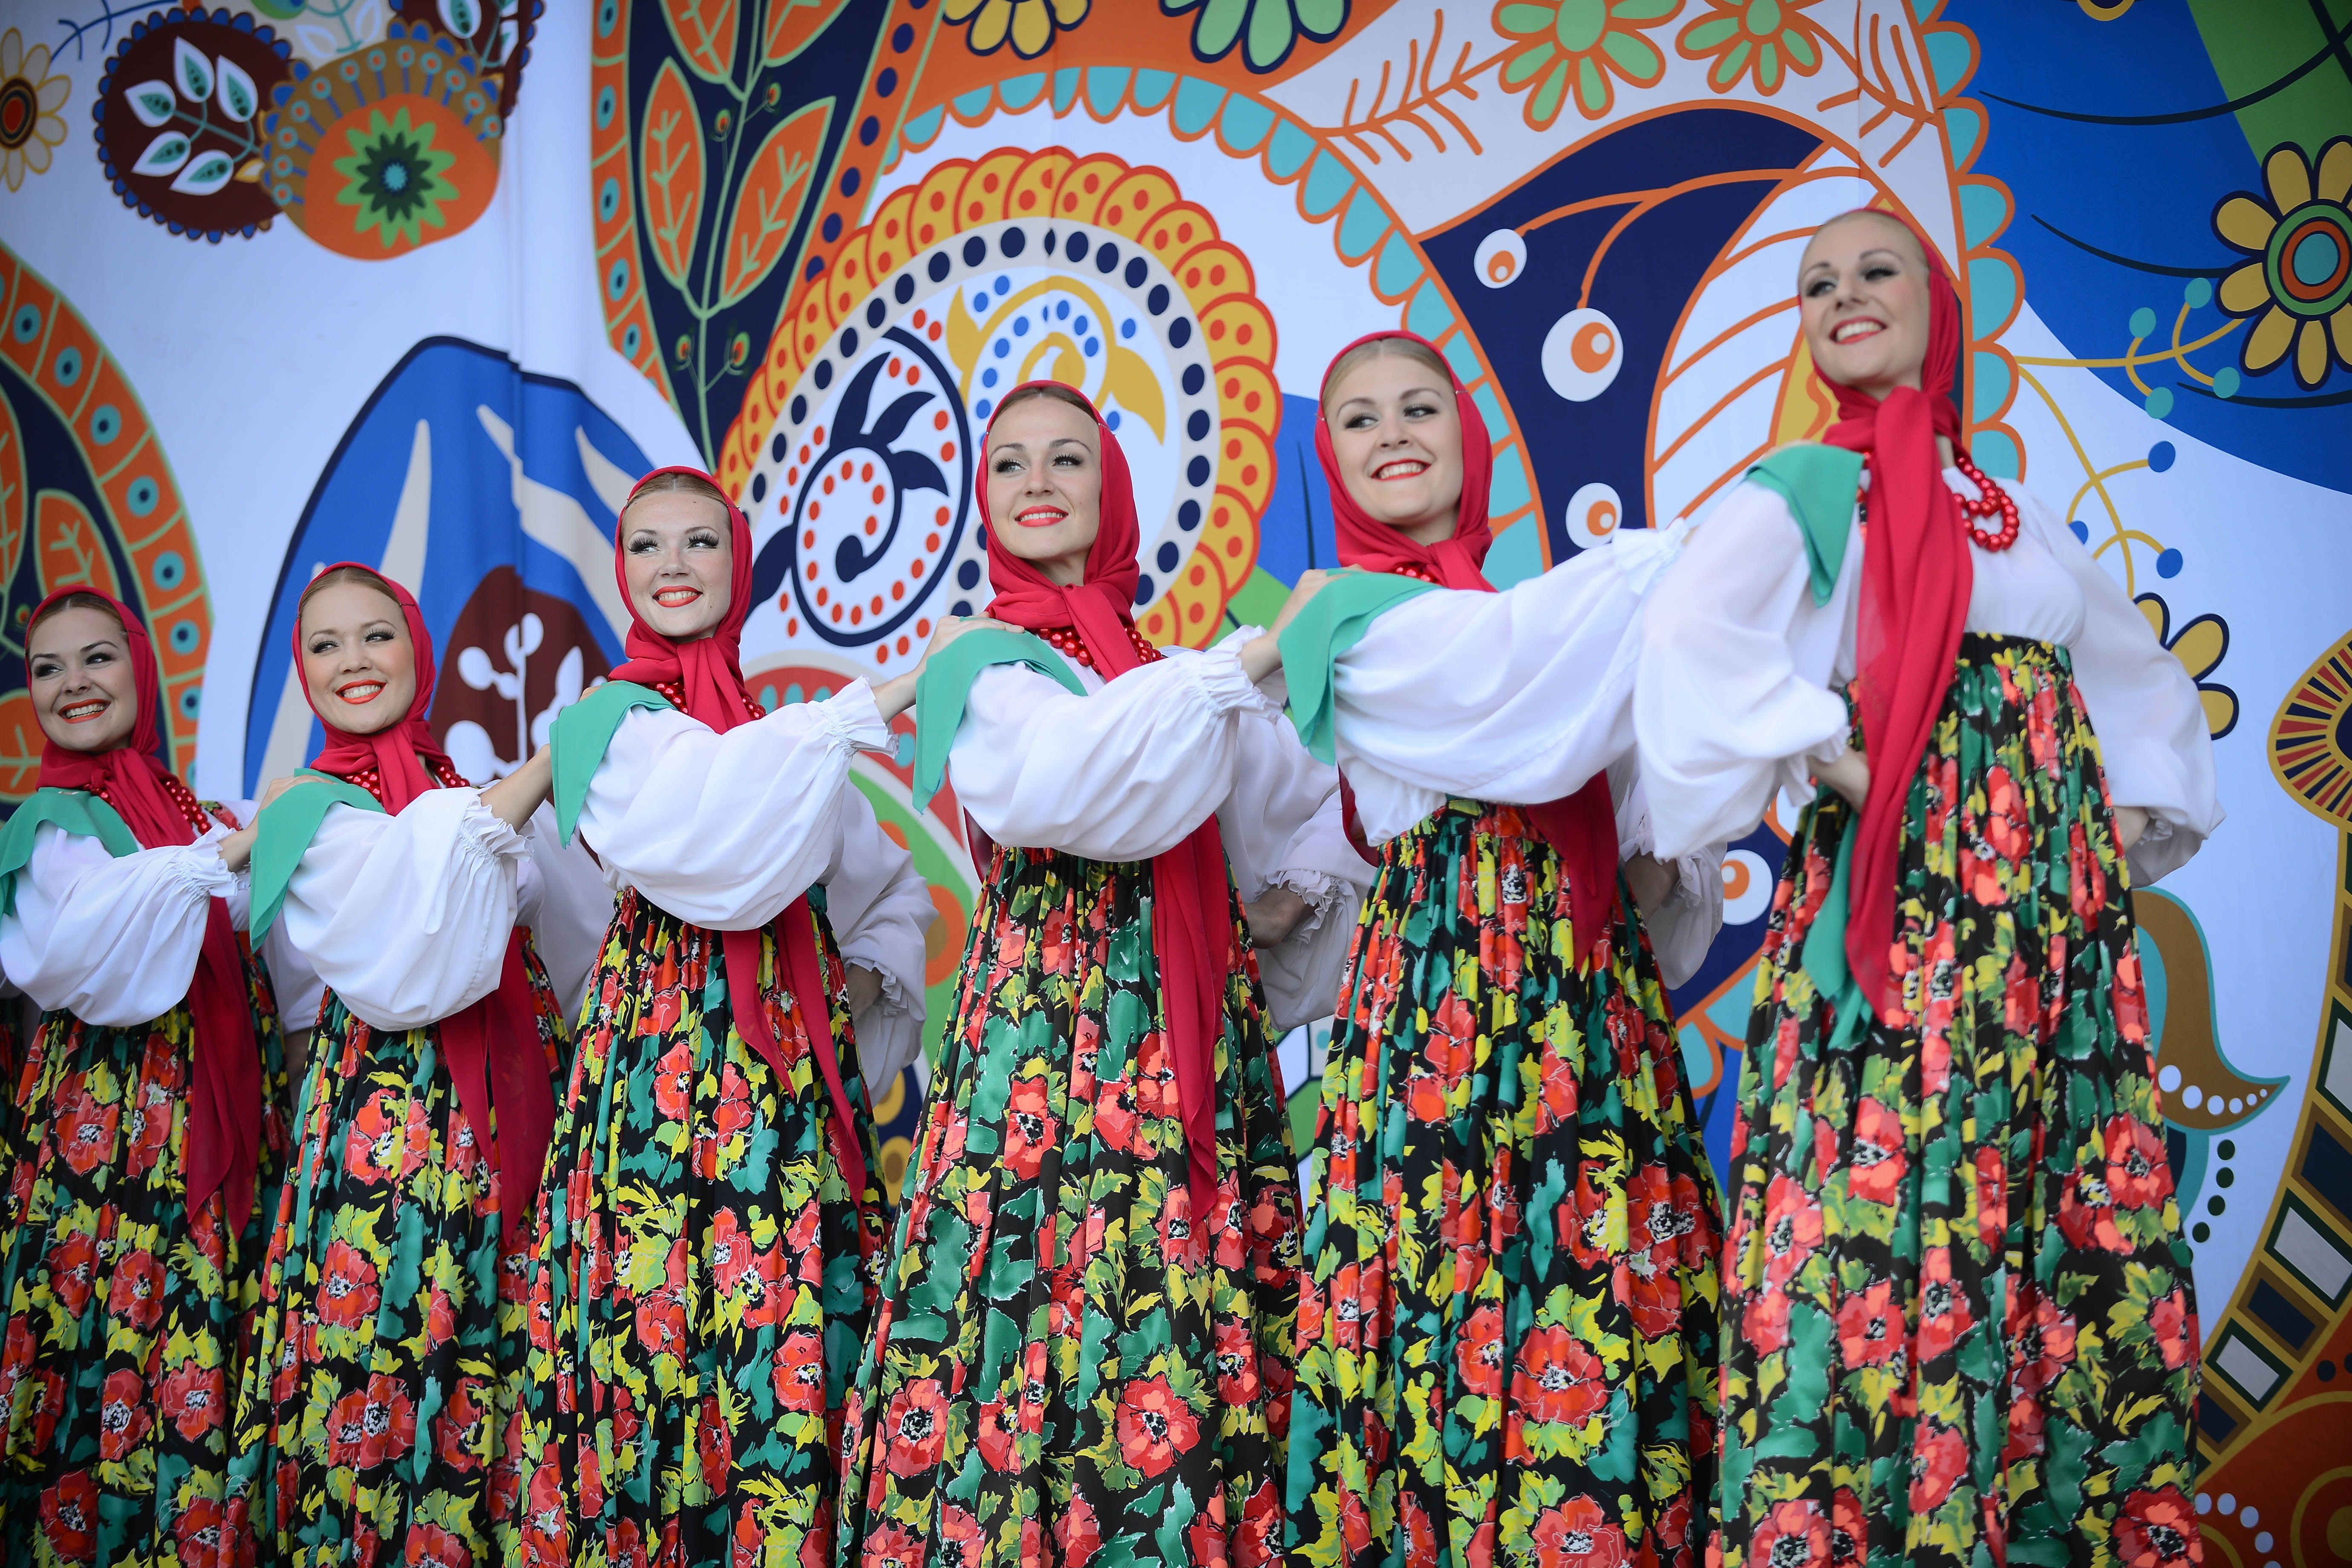 Фестиваль «Русское поле» на юге Москвы примет почти 1,8 тысячи участников